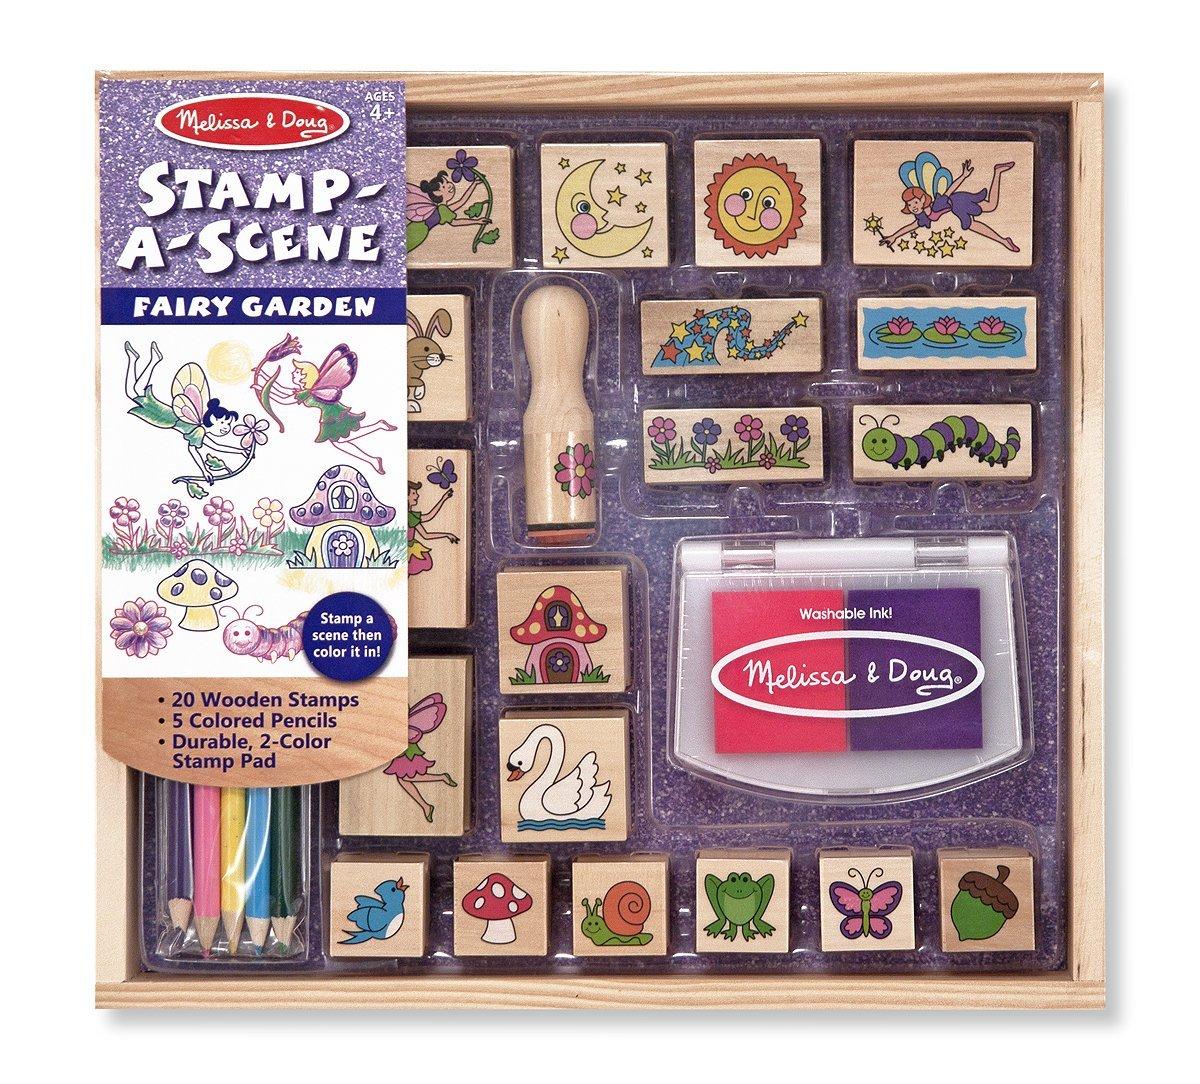 Stamp a Fairy Garden